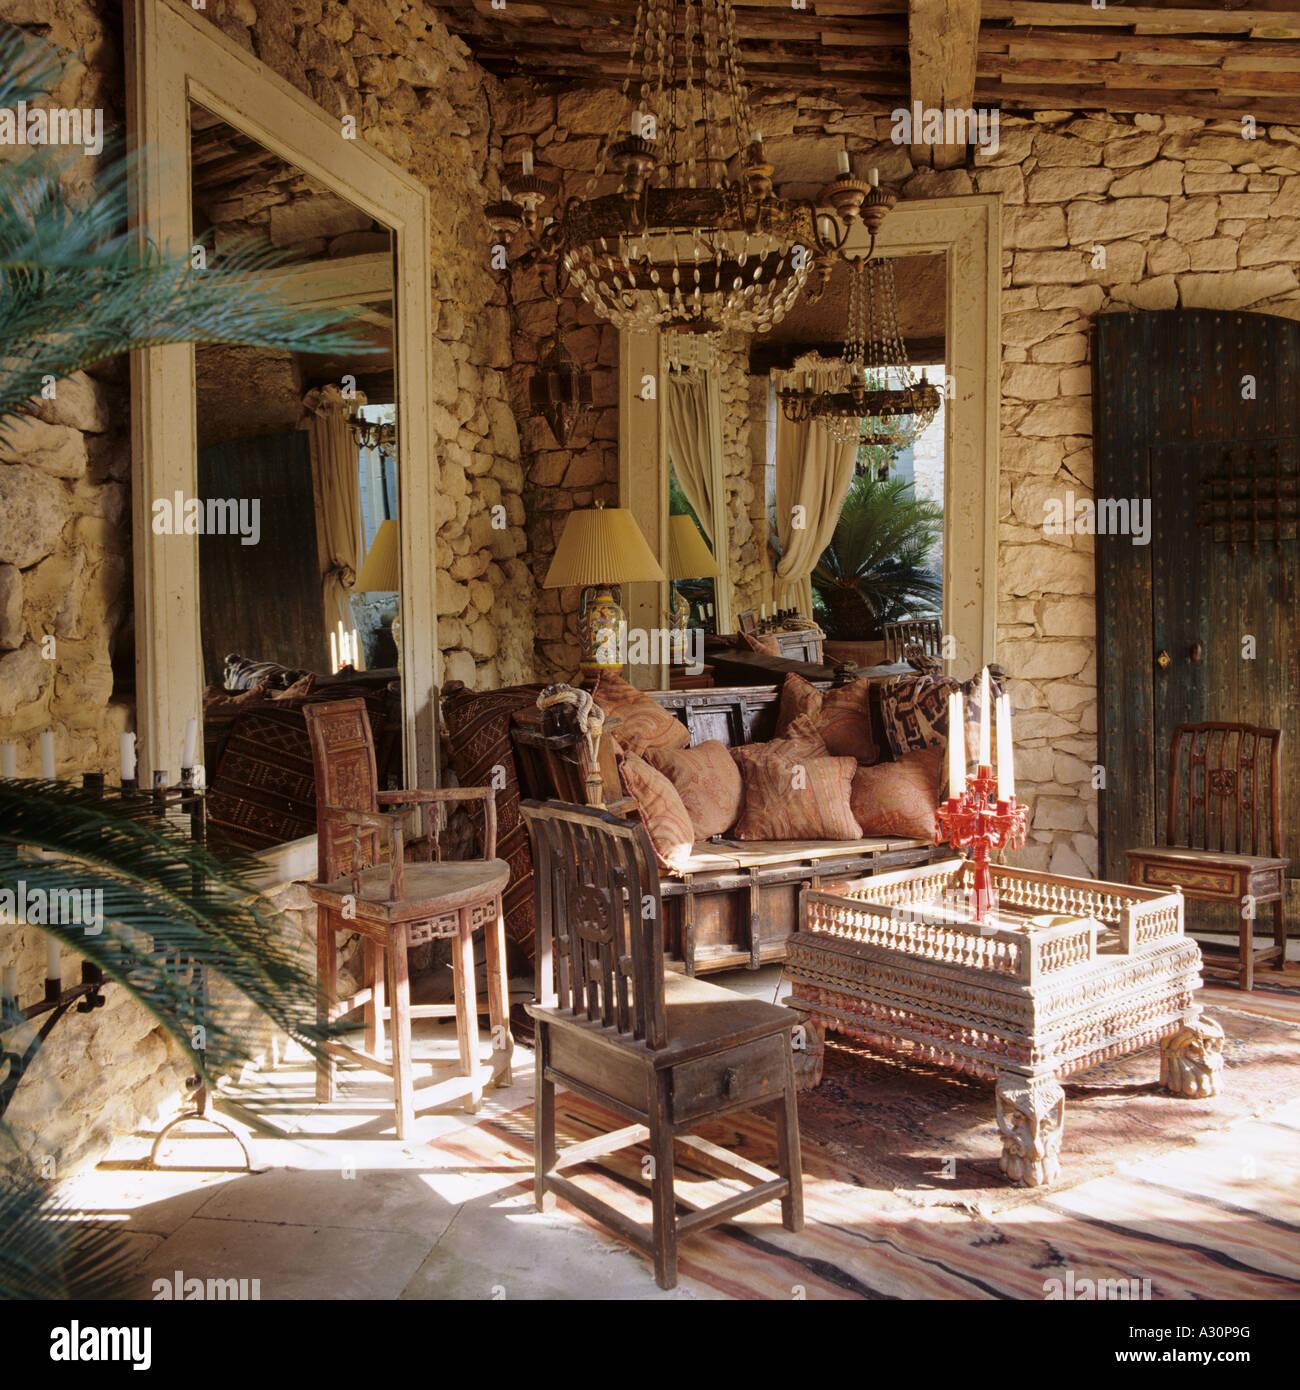 Tavoli In Pietra Per Interni.Tavoli E Sedie In Legno E Pietra Esposta Interno In Casa Provenzale